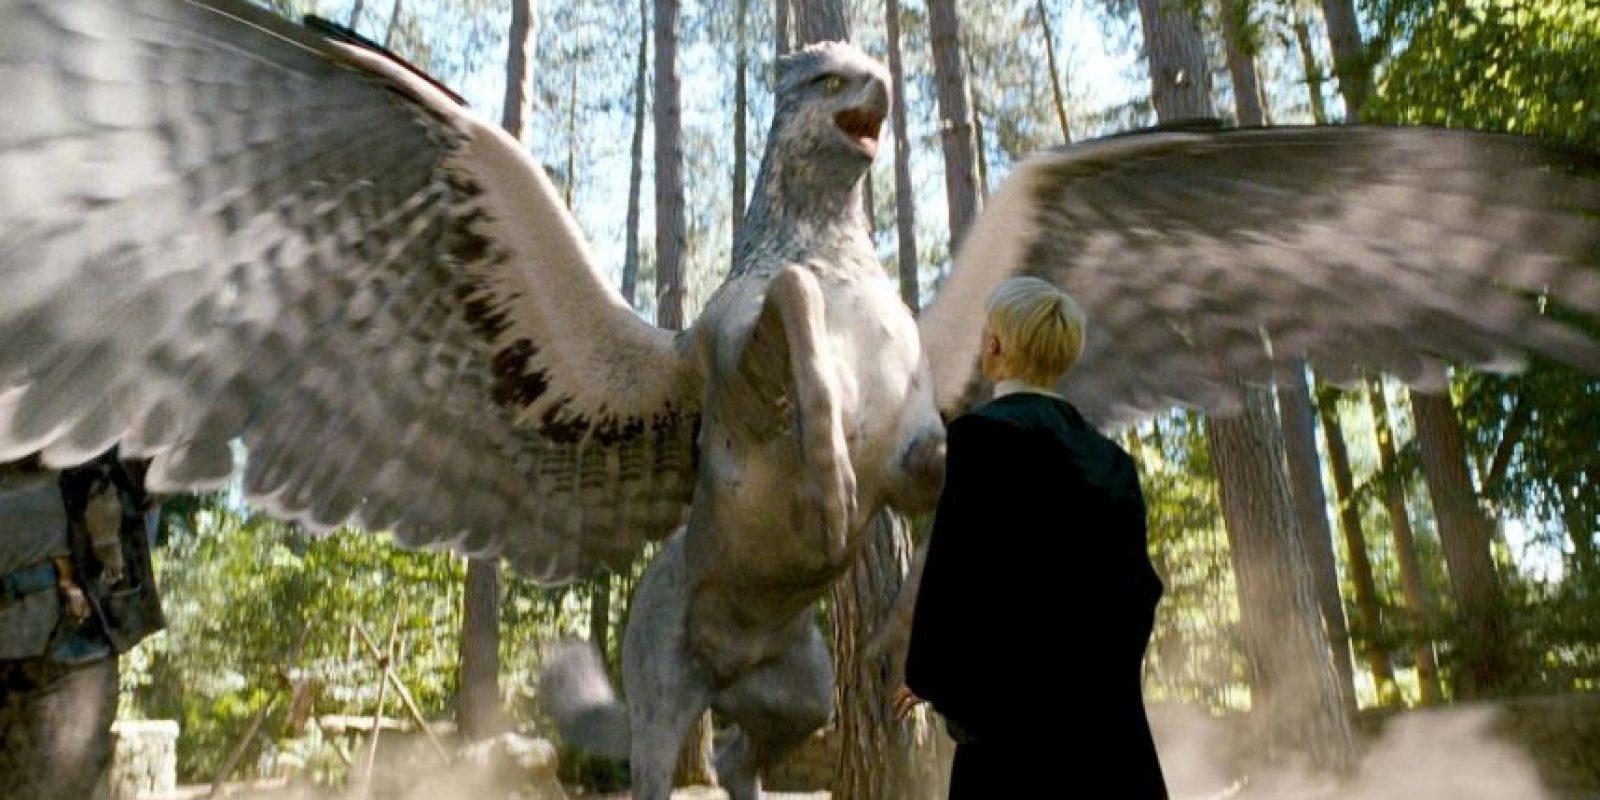 ¿Se imaginan encontrar una criatura así camino a la escuela o el trabajo? Foto:Facebook Harry Potter